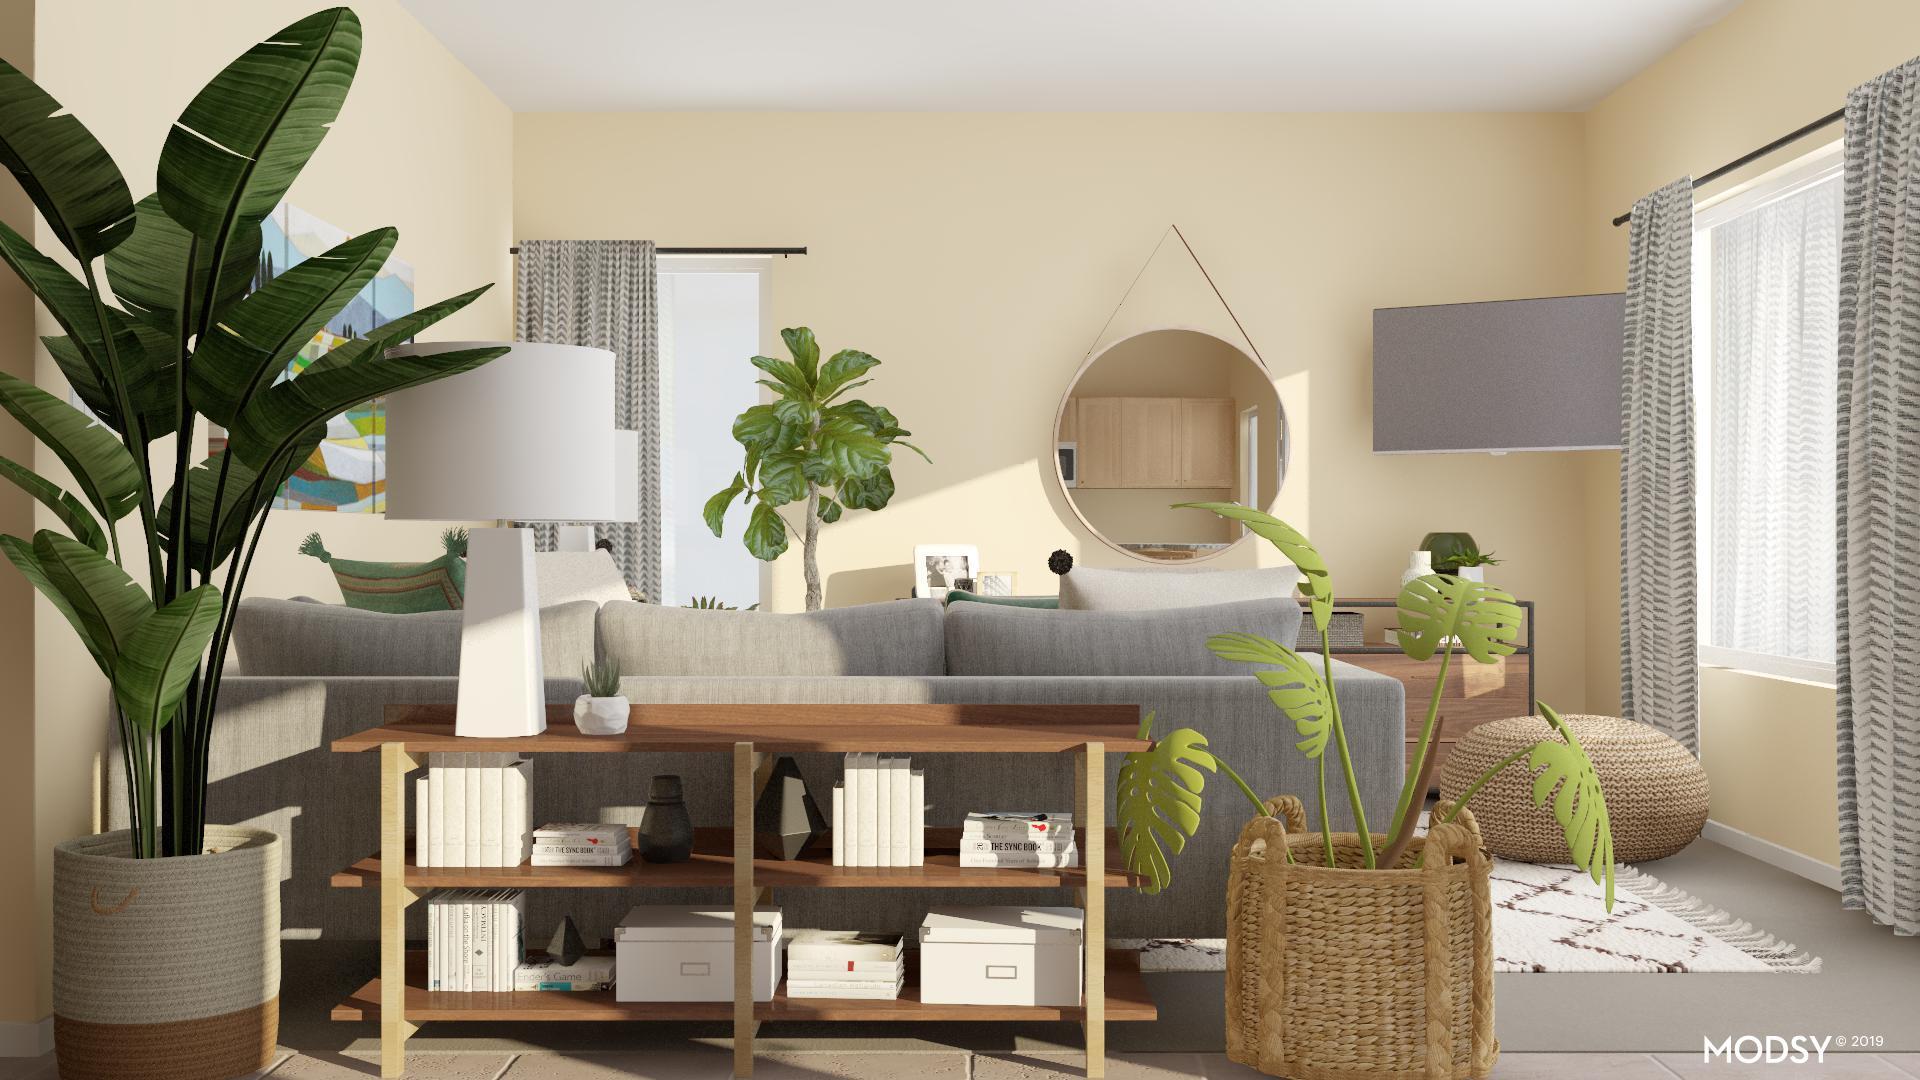 Modsy Living Room Design 1